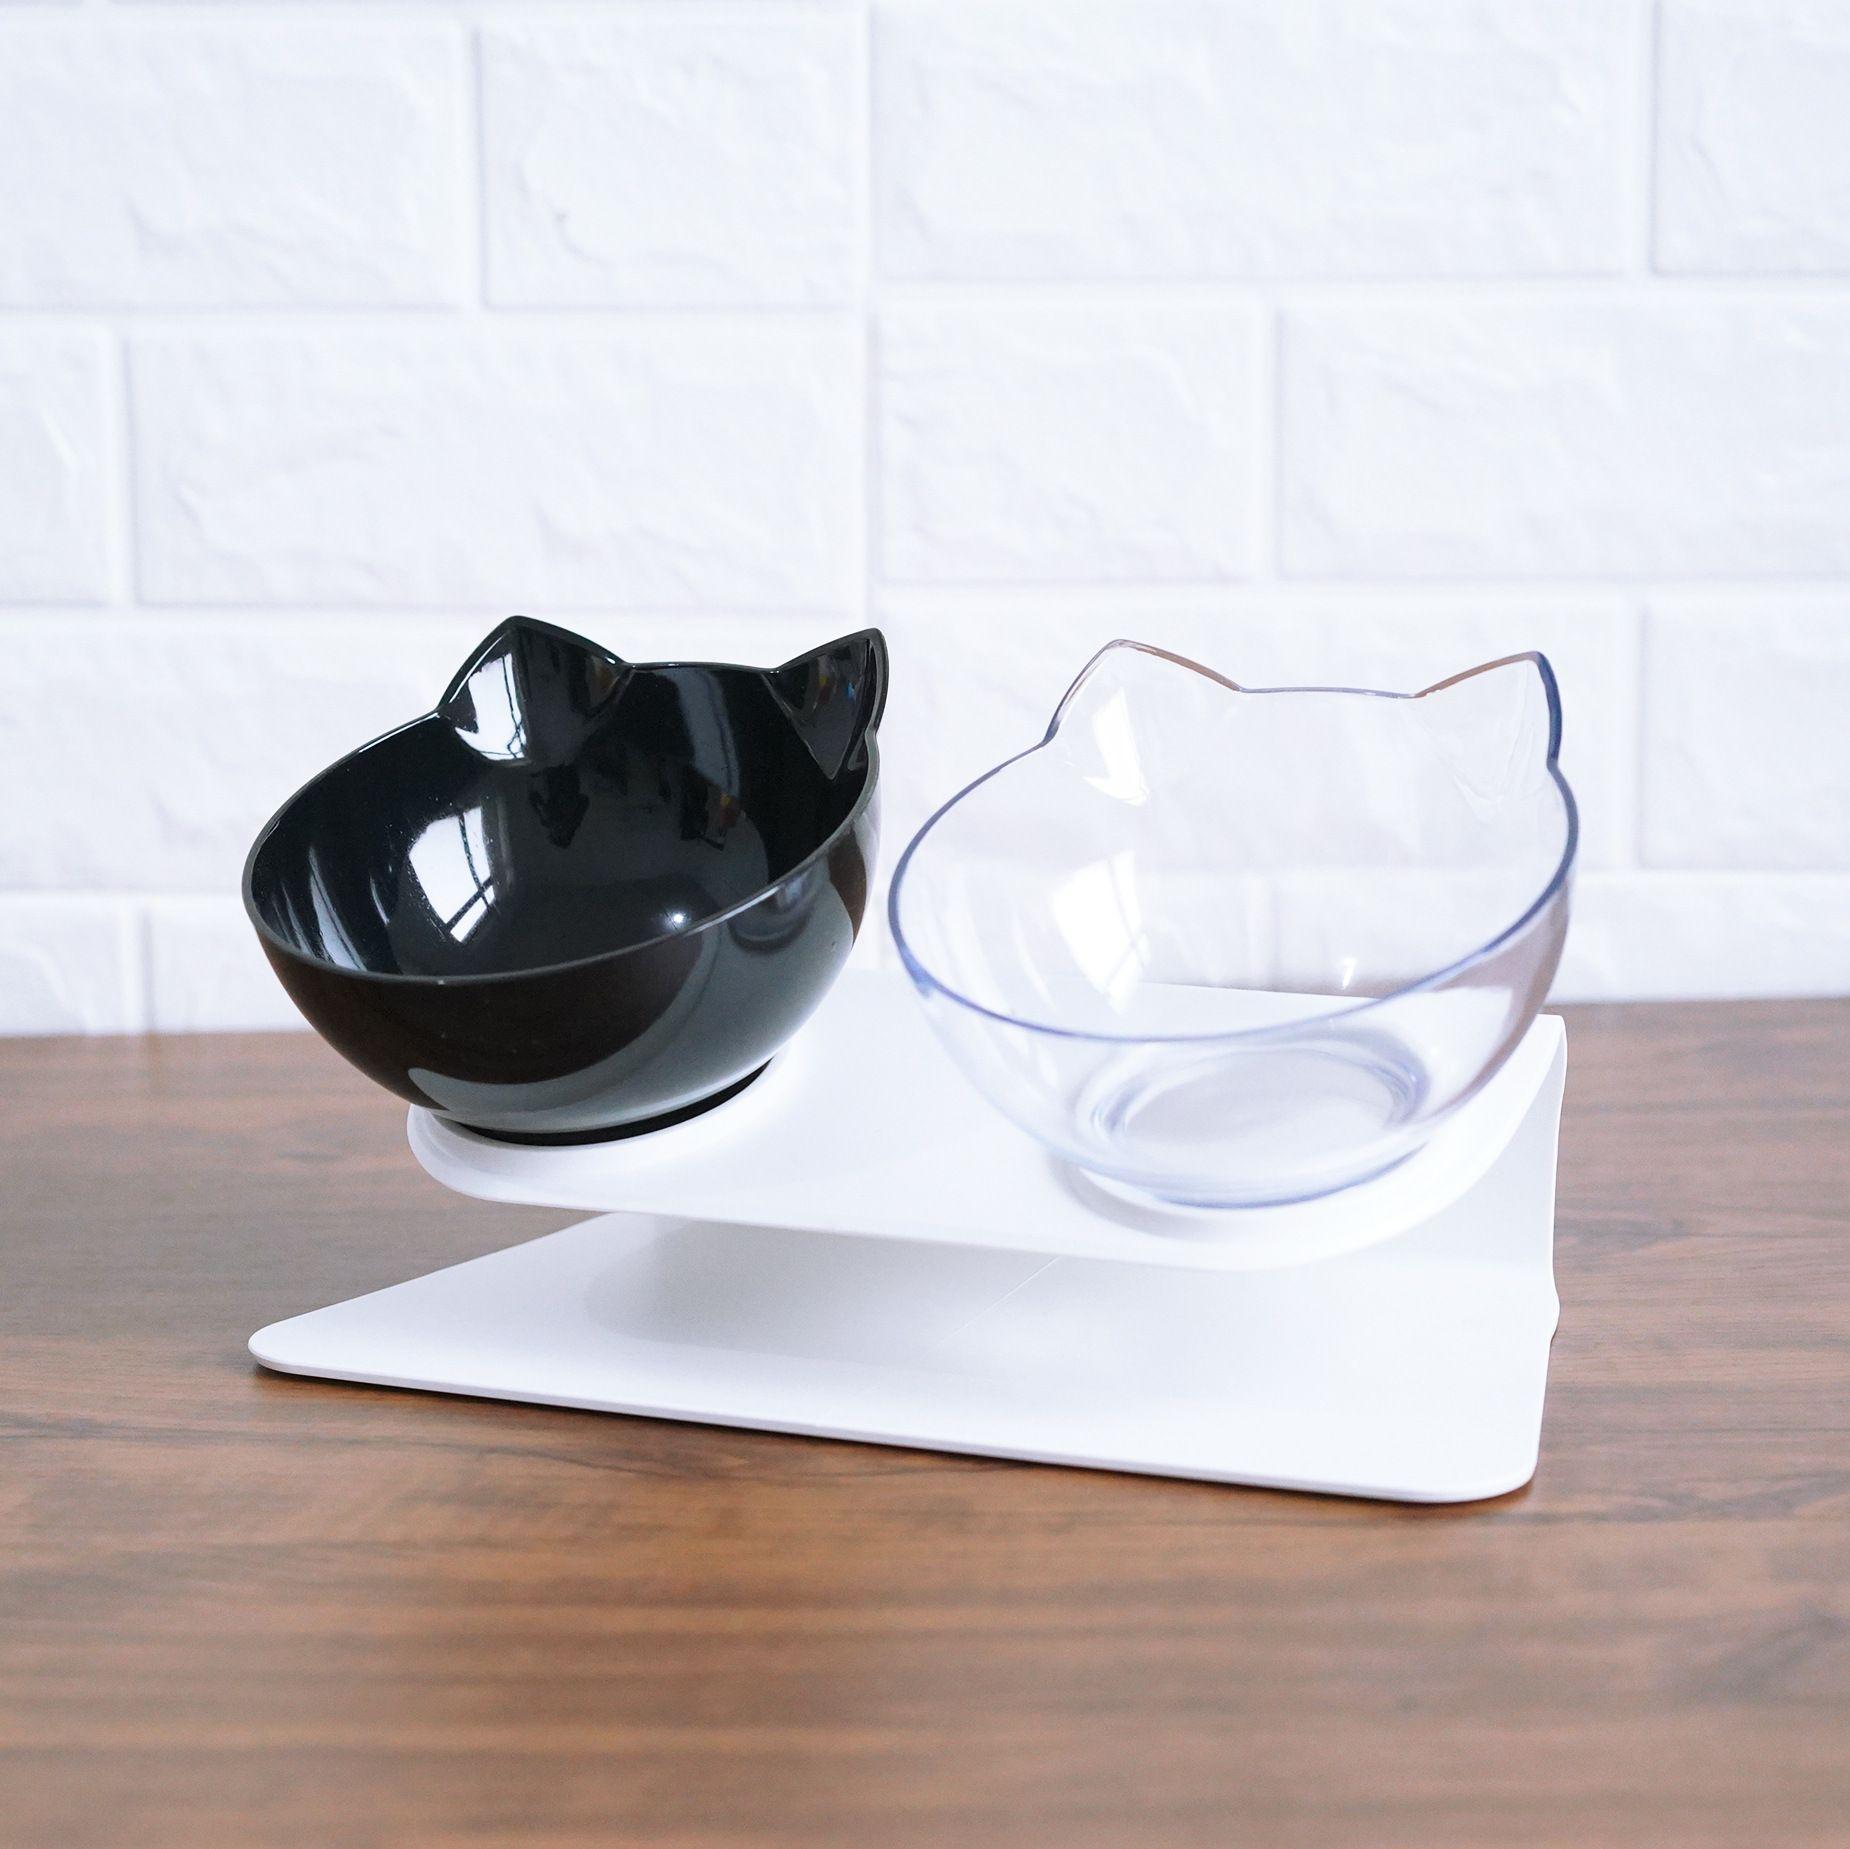 Bols à chat antidérapants bols doubles avec support surélevé nourriture pour animaux de compagnie et bols à eau pour chats chiens mangeoires chat bol fournitures pour animaux 29